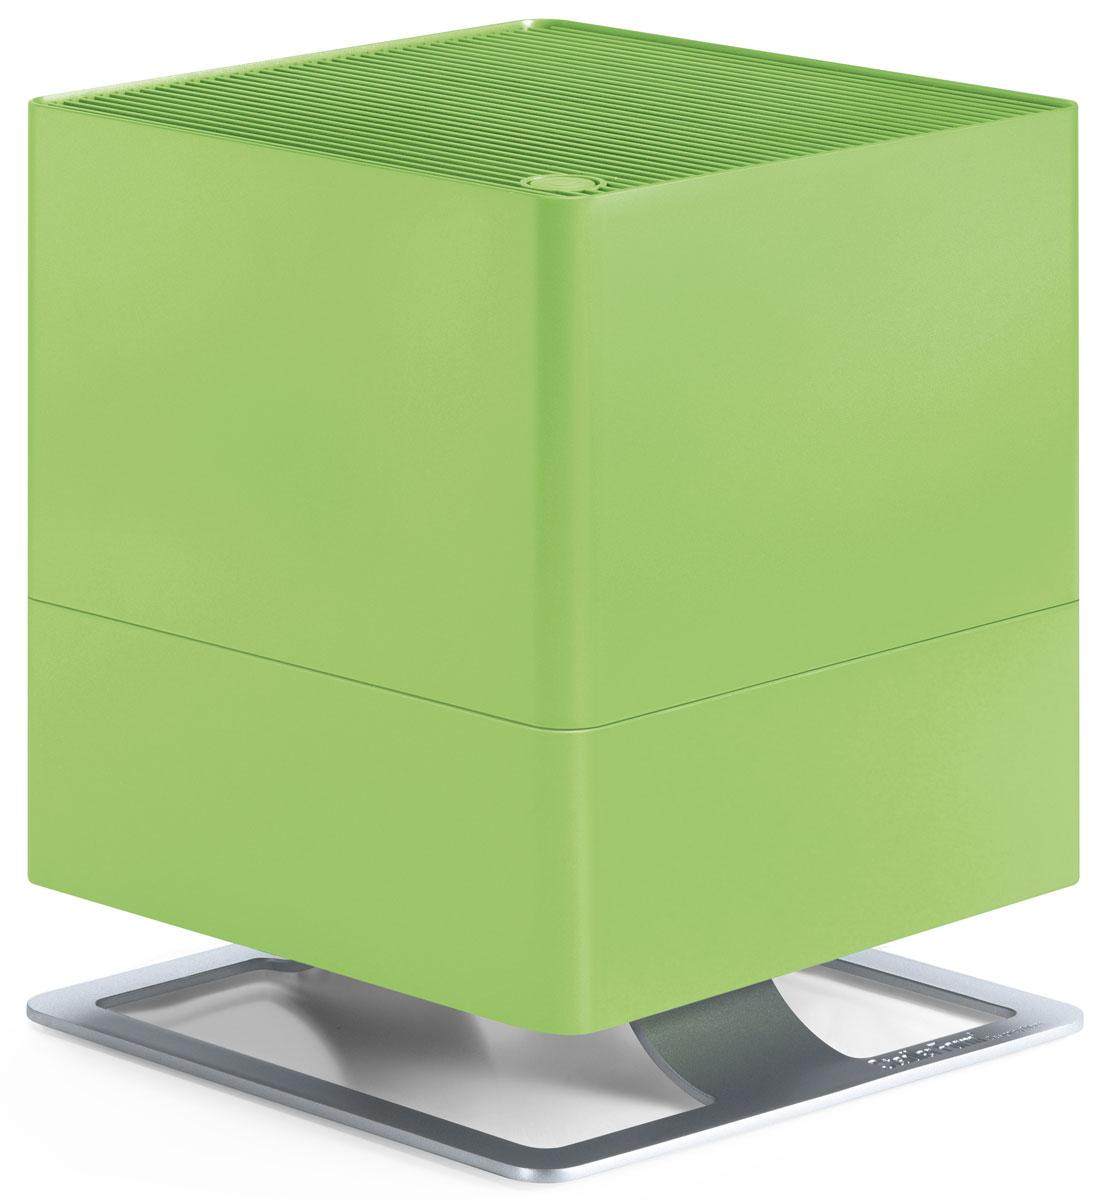 Stadler Form Oskar, Lime увлажнитель воздуха0802322005578Поддержание оптимального уровня влажности - актуальная необходимость для помещений, где работаюткондиционеры, отопительные приборы, для оранжерей и медицинских учреждений. Stadler Form Oskar - это идеальный выбор,ведь в таких помещениях очень важно сбалансированное сочетание высокой производительности и умеренногоэнергопотребления. Соблюдение этого баланса - главное достоинство увлажнителя Oskar: припроизводительности около 300 мл/час, его энергопотребление составляет всего 18 Вт. Это соответствует егоработе на максимальной мощности, что позволяет за короткий срок значительно повысить уровень влажности.Дальнейшая работа увлажнителя регулируется двумя параметрами. Во-первых, устанавливается желаемыйпроцент влажности, по достижению которого прибор отключается по команде встроенного гигростата. Во-вторых,из четырех скоростей воздушного потока можно выбрать желаемую вручную, таким образом настроивинтенсивность работы вентилятора.Принцип работы Stadler Form Oskar - естественное увлажнение, которое осуществляется испарением влаги с поверхностиантибактериальных фильтров. Это позволяет, во-первых, не допустить образования белого налета, которымсопровождается работа ультразвукового увлажнителя. Во-вторых, наличие таких фильтров предотвращаетразвитие бактерий в резервуаре с водой и, соответственно, их дальнейшее попадание во вдыхаемый воздух.Долив воды можно осуществлять во время работы прибора, а контроль ее уровня осуществлять черезспециальное смотровое отверстие. Помимо этого, для удобства обслуживания, Oskar оснащен таймером, которыйвовремя напомнит о необходимости сменить фильтр. Теперь у вас будет на одну заботу меньше.Невысокий уровень шума, особенно в ночном режиме, делает работу прибора почти незаметной. В ночном режиметакже приглушается подсветка, что позволяет эффективно использовать прибор и во время сна.Ну и для полноты технологического совершенства, Oskar, помимо основной функции увлажнения, параллельноспо